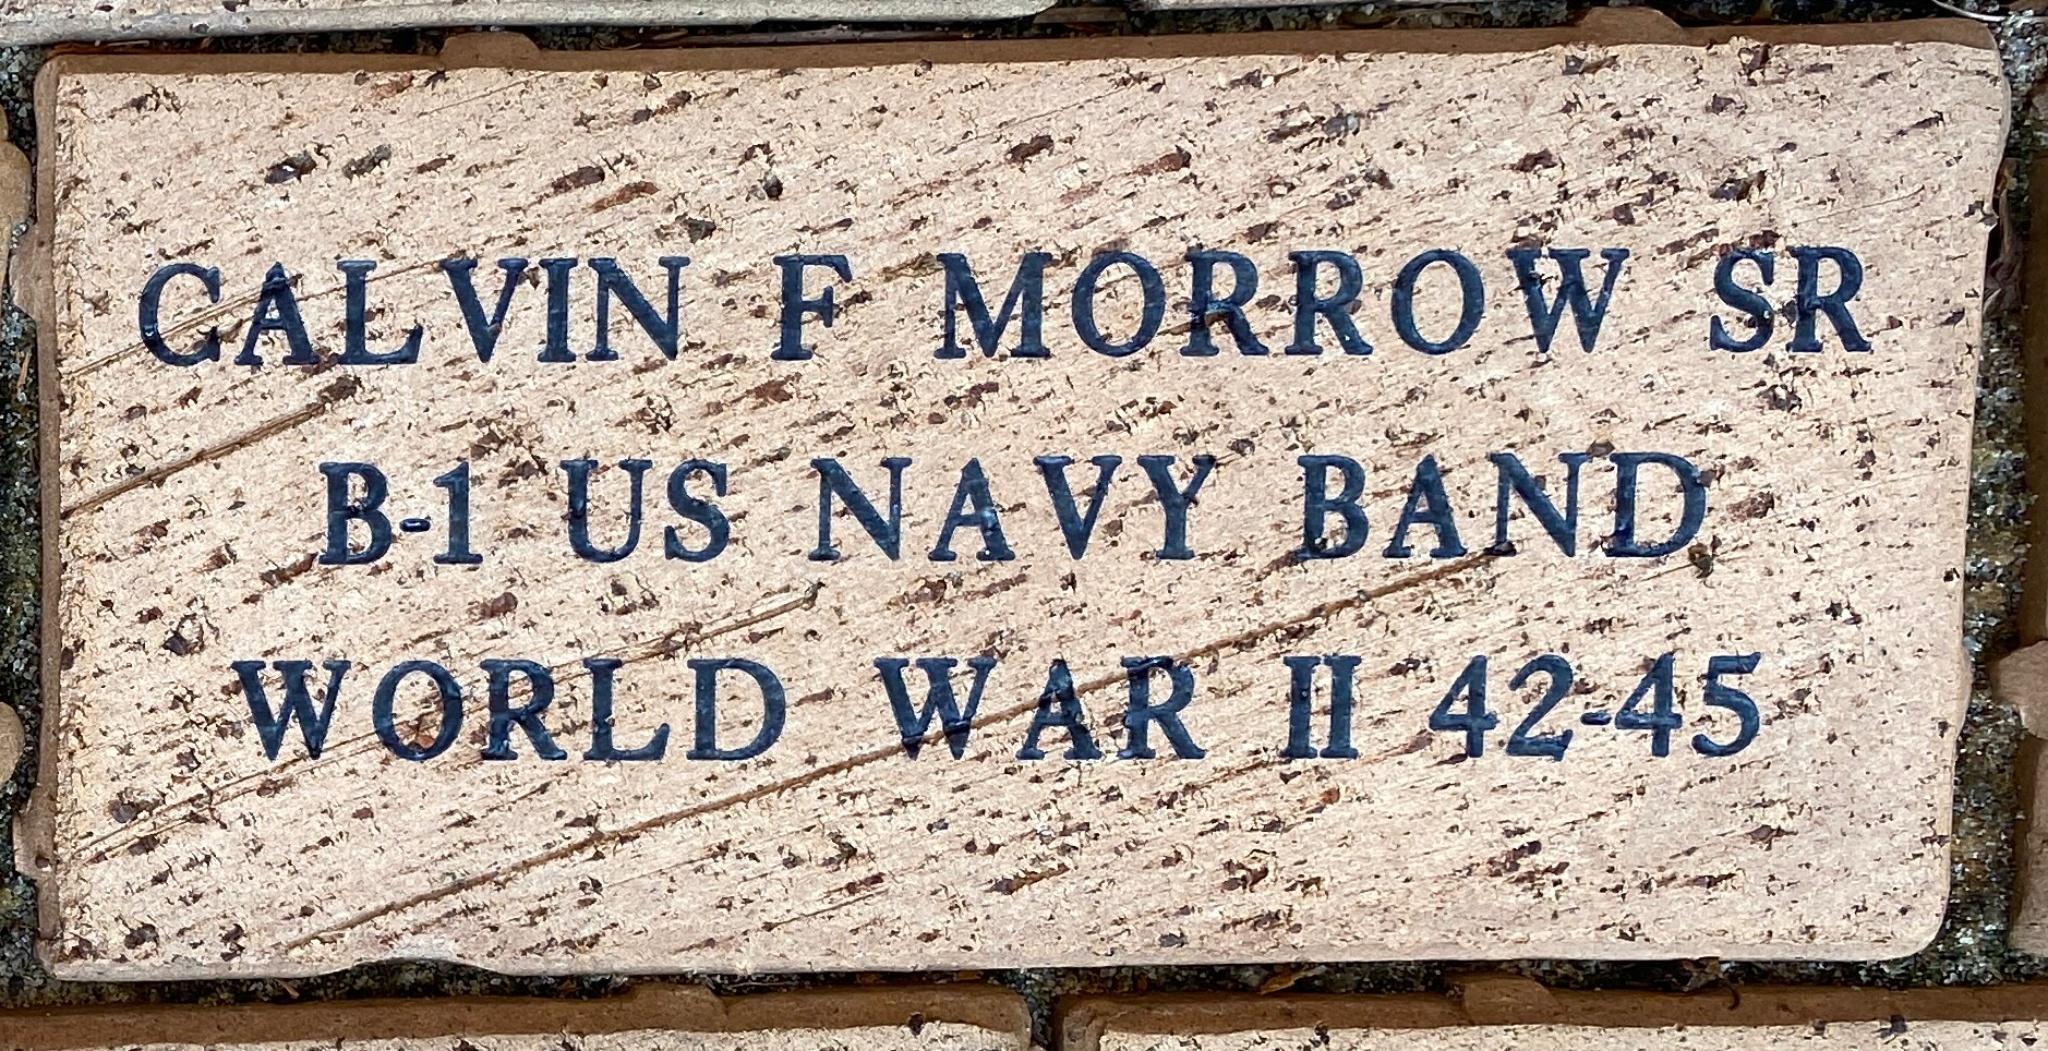 CALVIN F MORROW SR B-1 US NAVY BAND WORLD WAR II 42-45